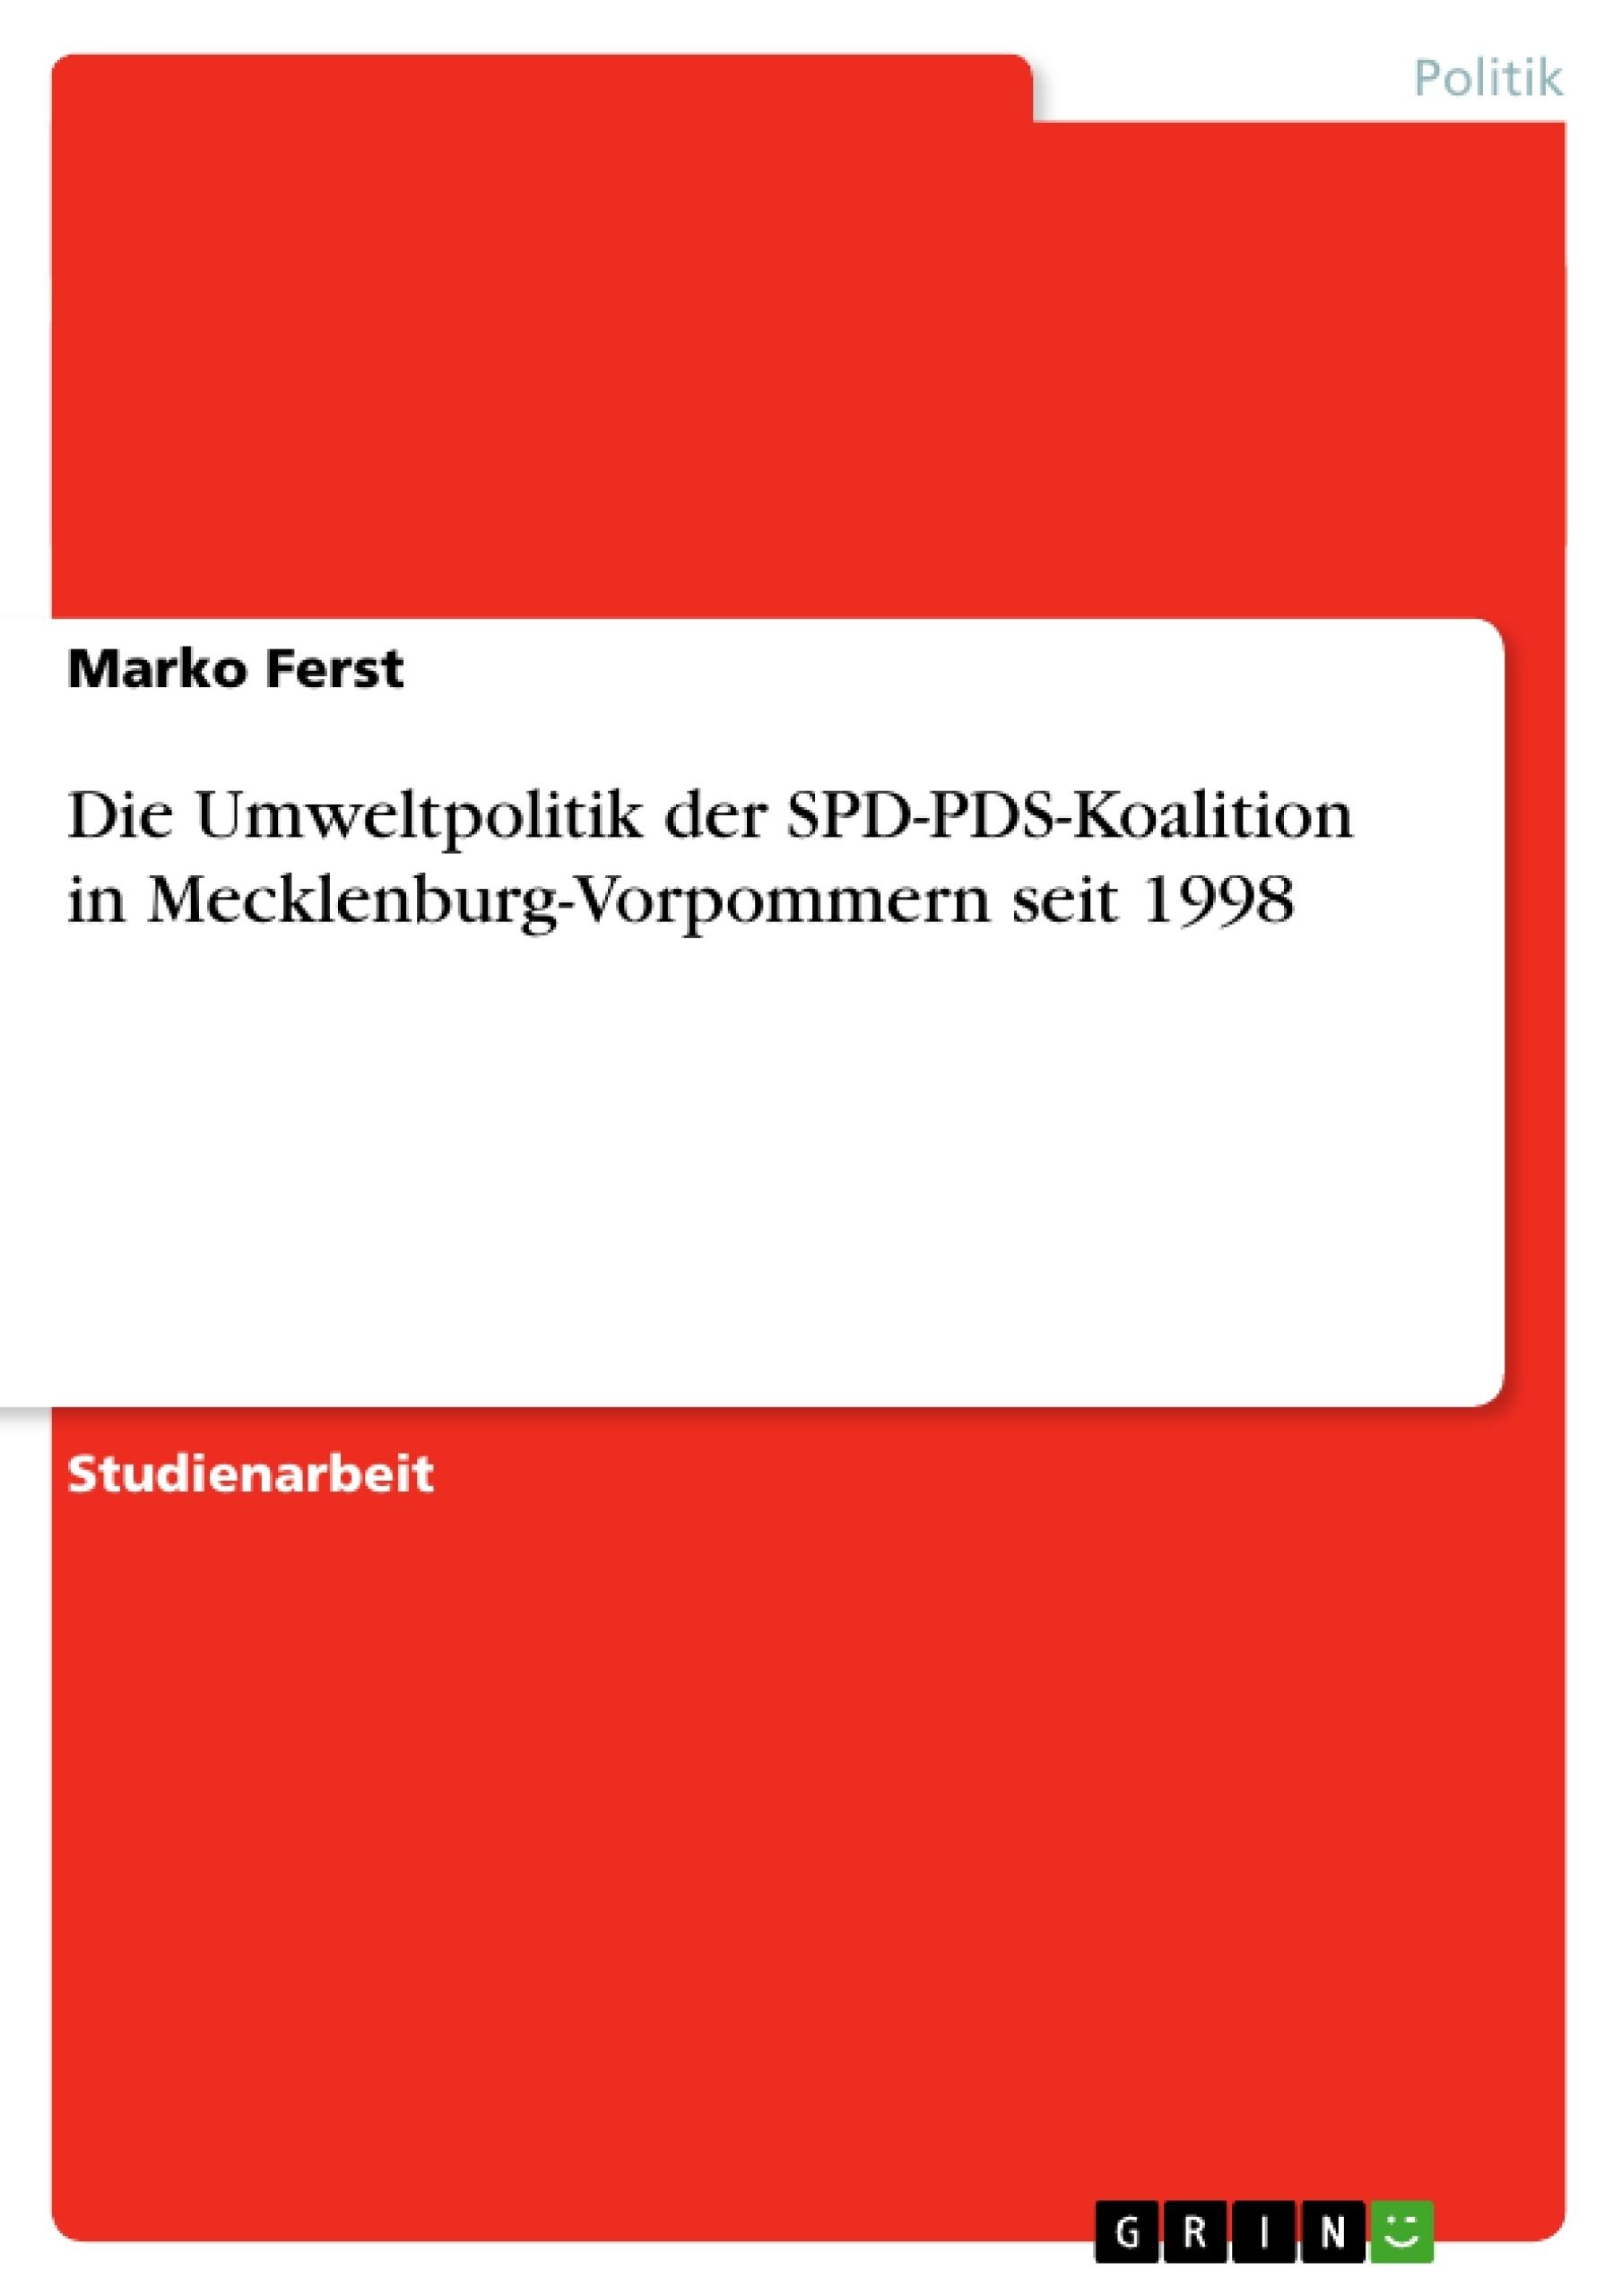 Titel: Die Umweltpolitik der SPD-PDS-Koalition in Mecklenburg-Vorpommern seit 1998